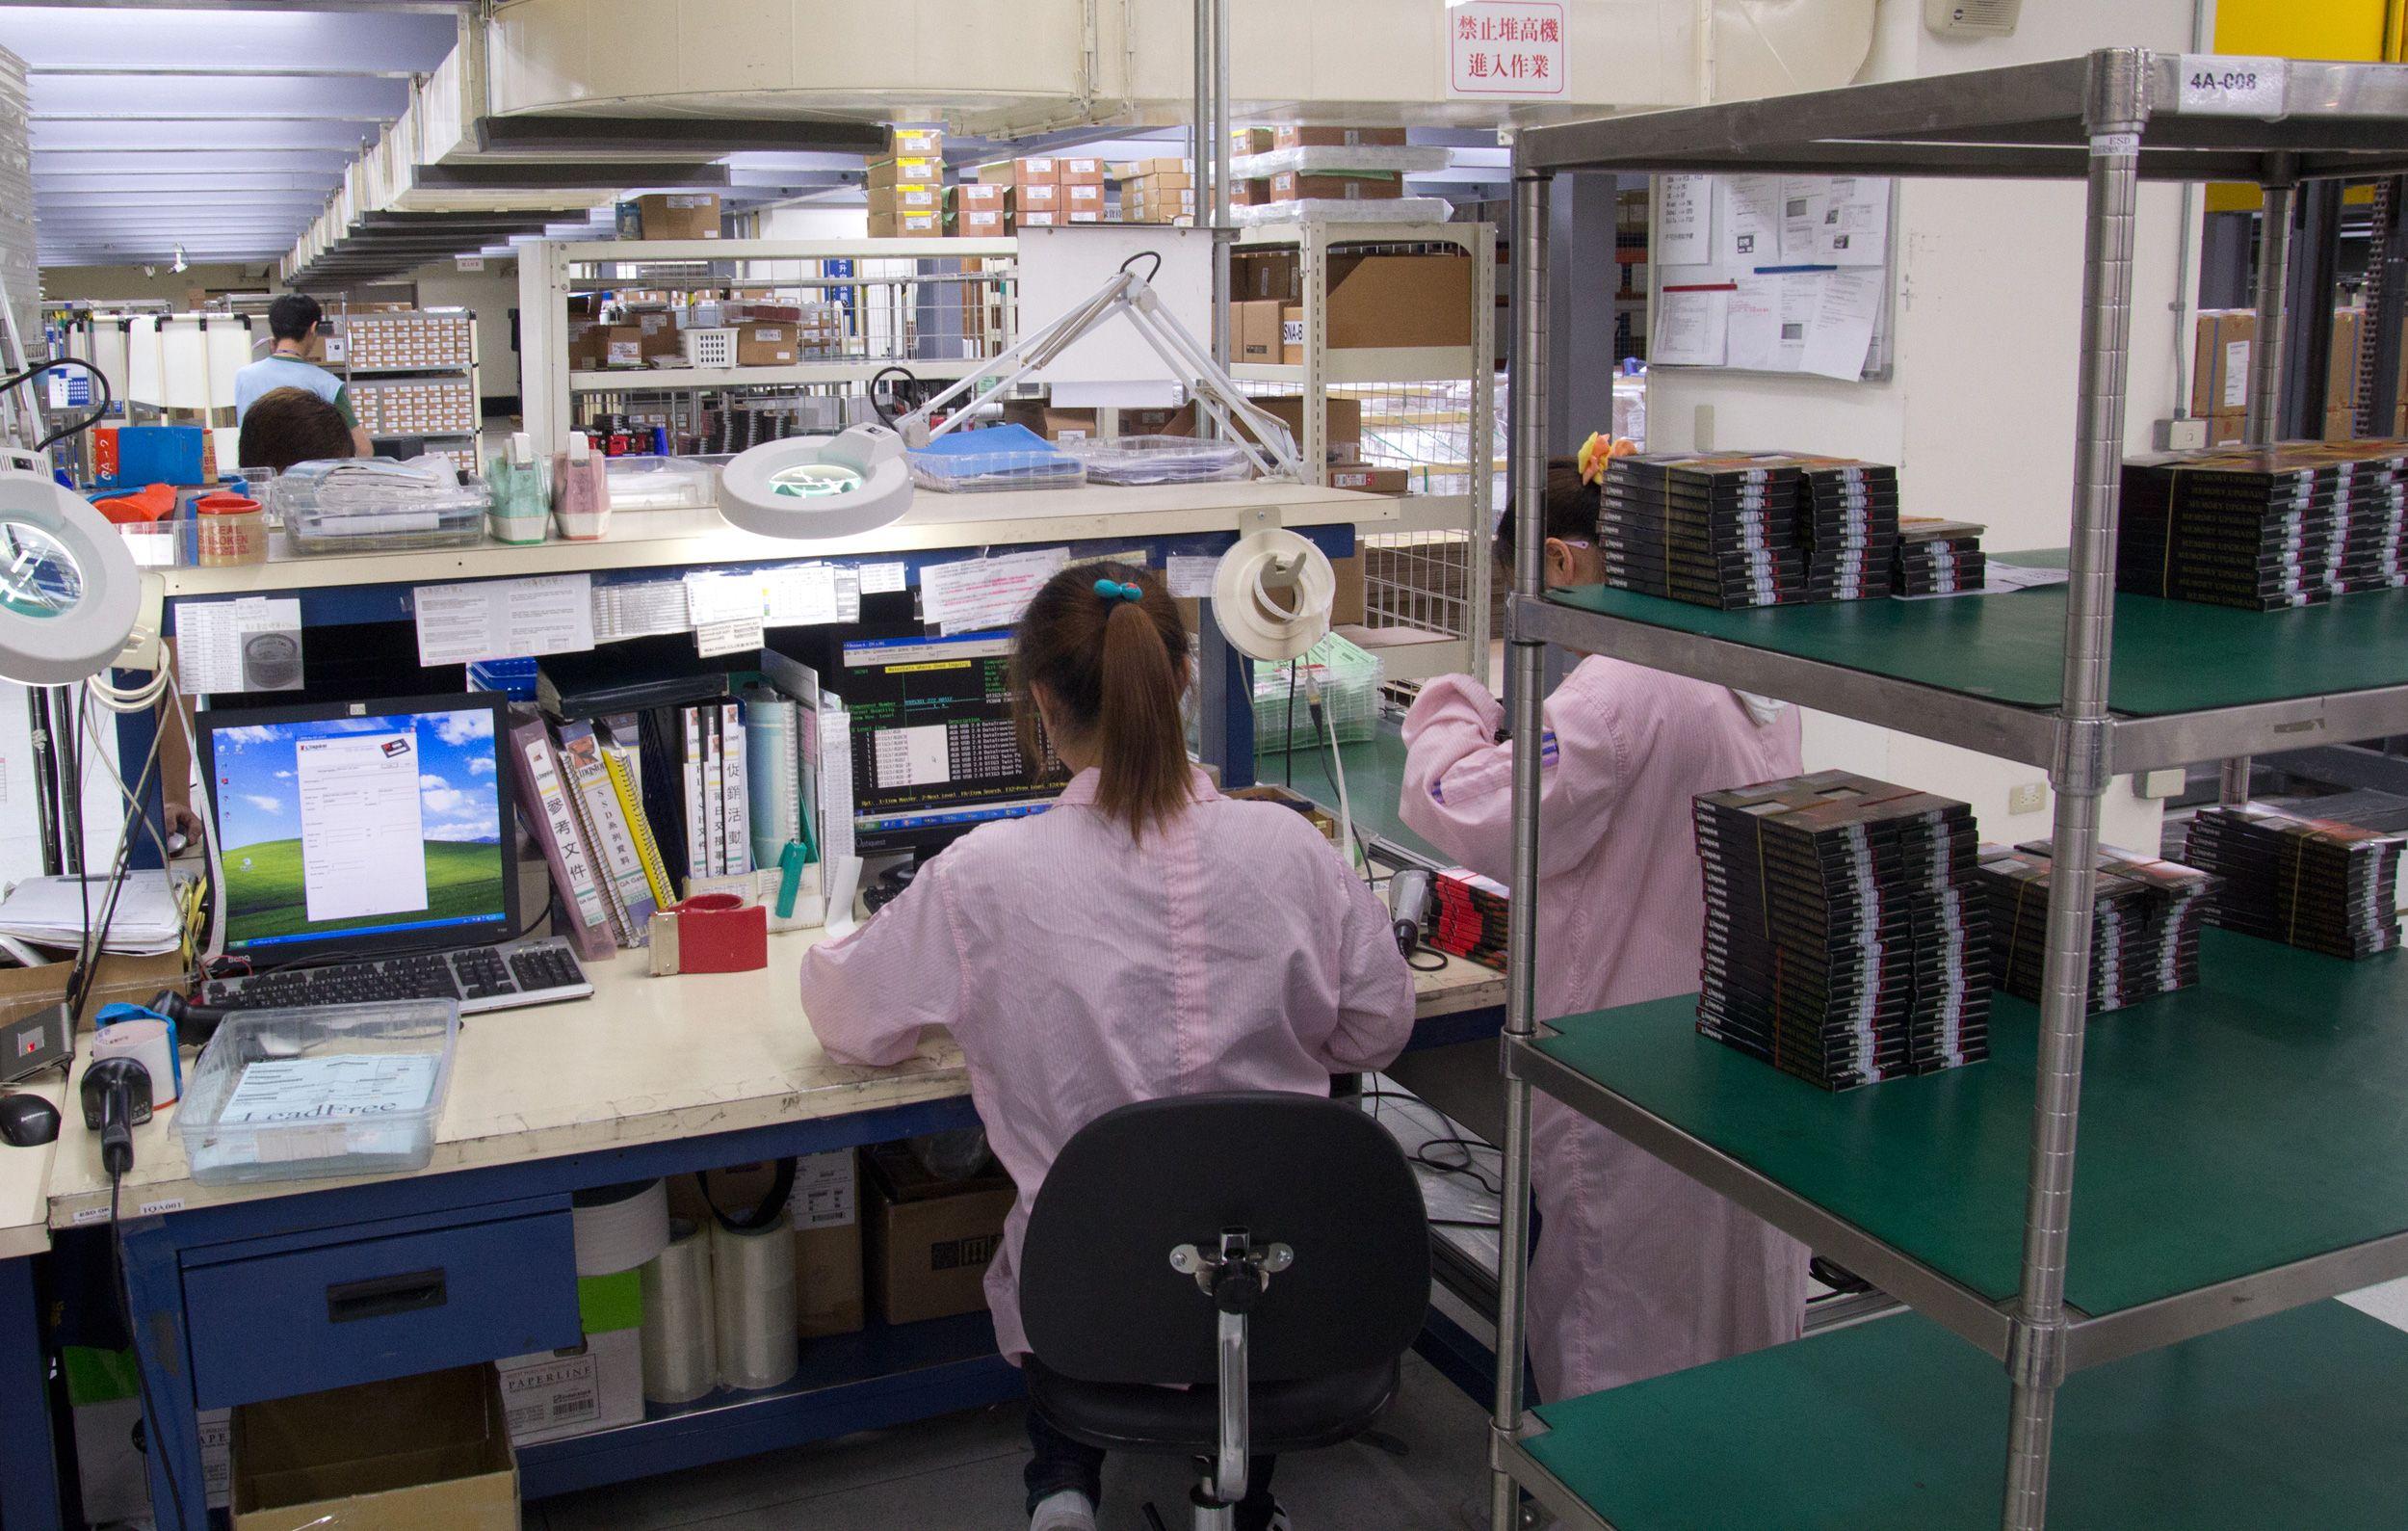 Produksjonen loggføres, og litt papirarbeid hører med.Foto: Rolf B. Wegner, Hardware.no